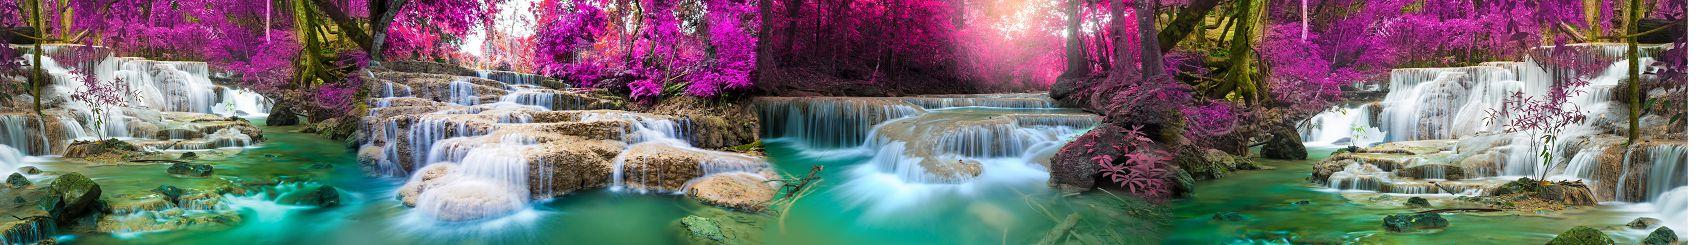 водопад и голубое озеро